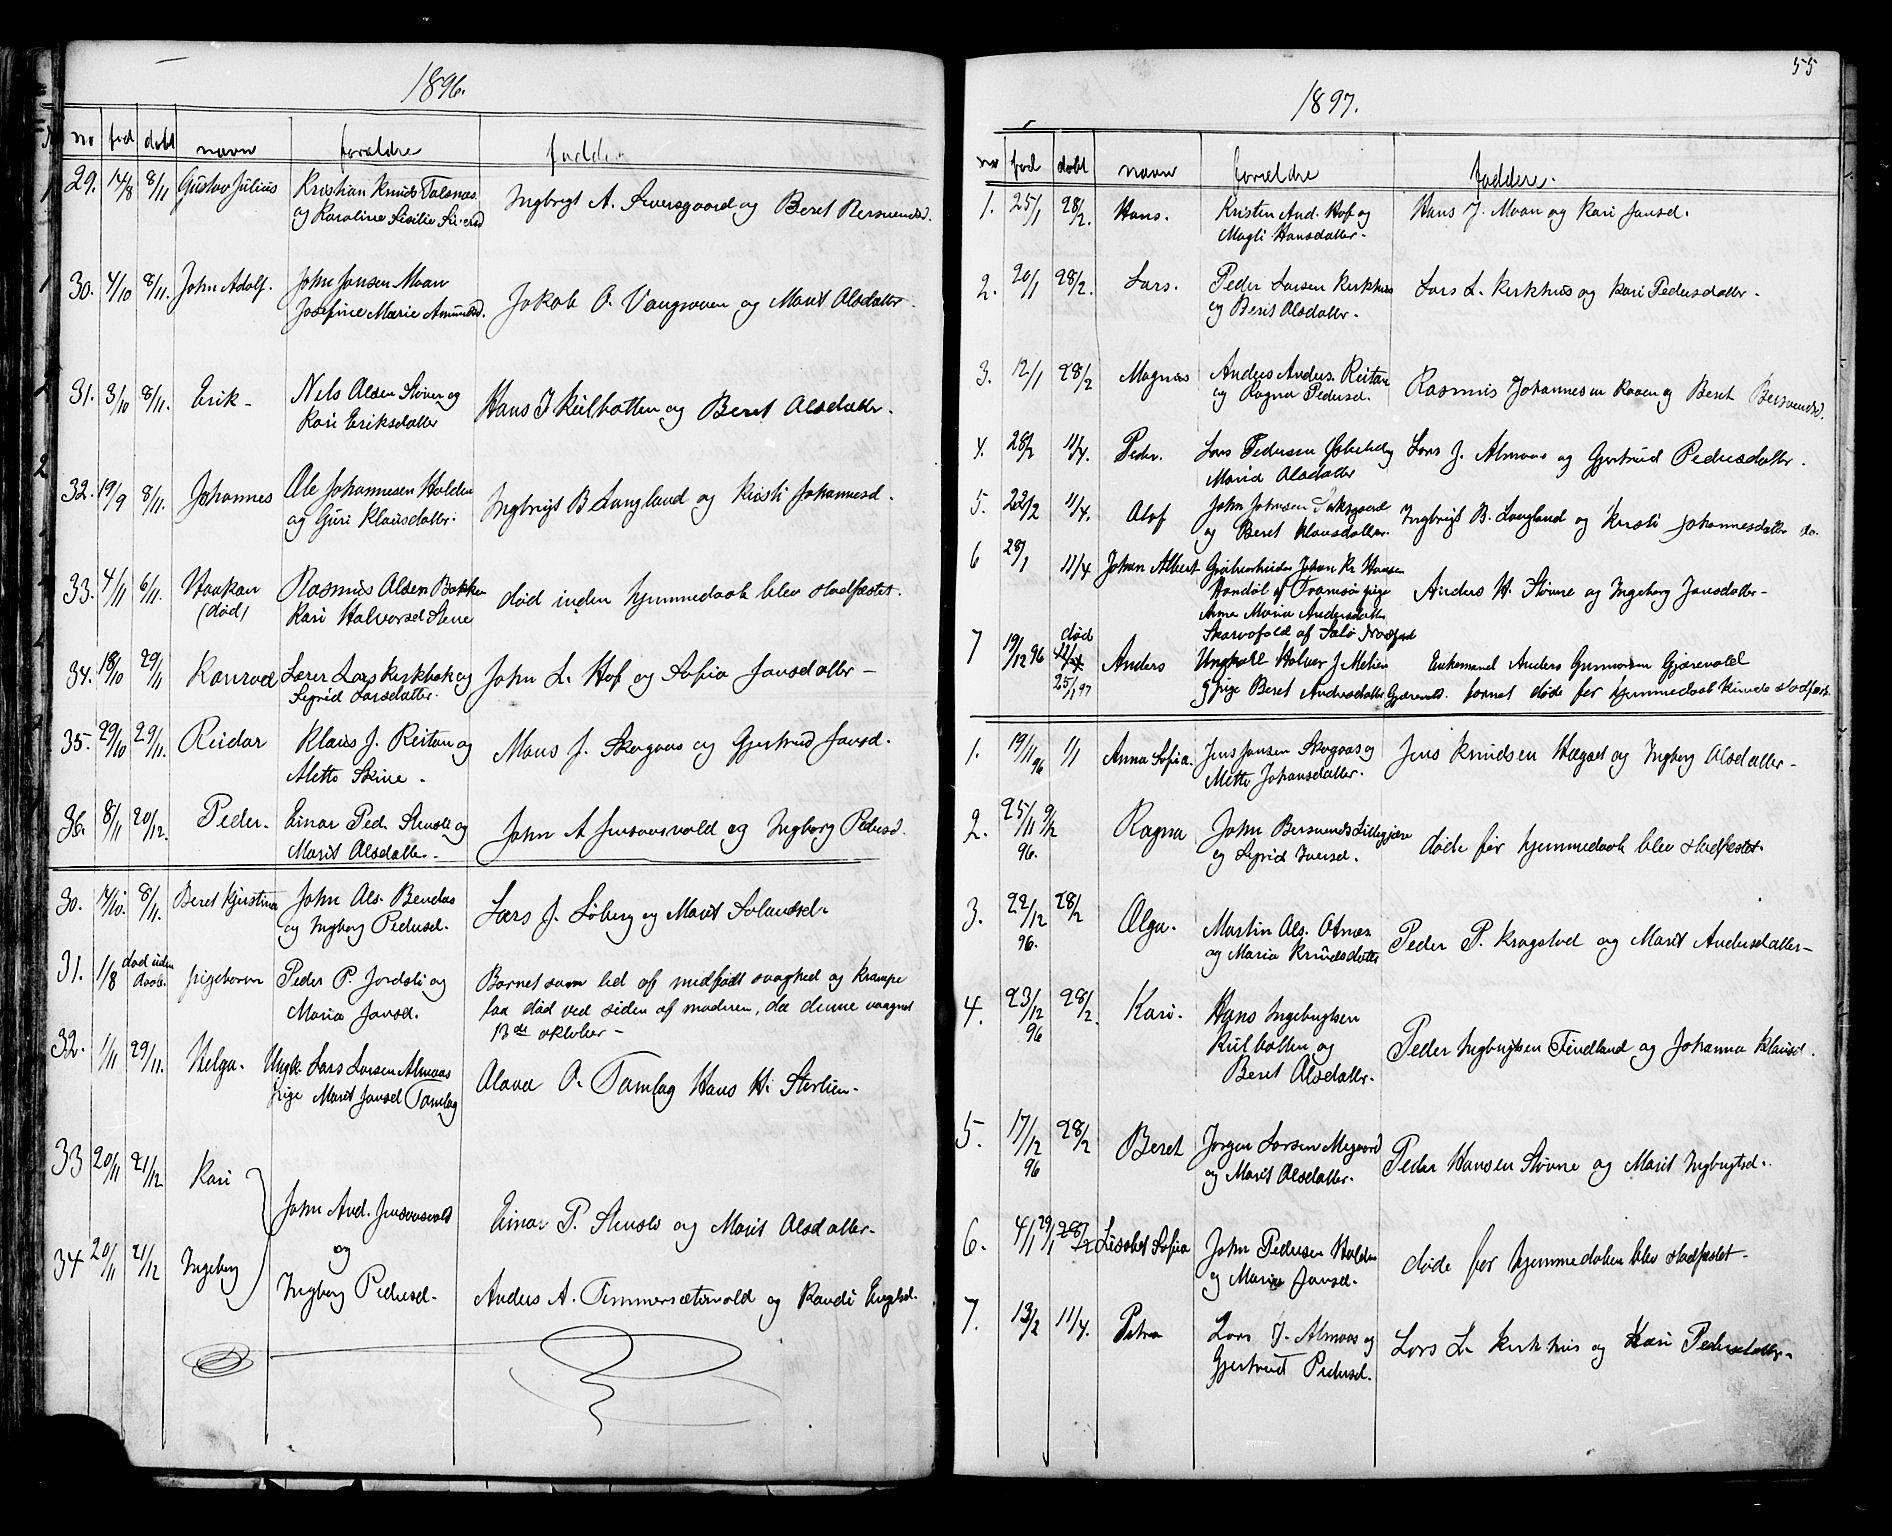 SAT, Ministerialprotokoller, klokkerbøker og fødselsregistre - Sør-Trøndelag, 686/L0985: Klokkerbok nr. 686C01, 1871-1933, s. 55